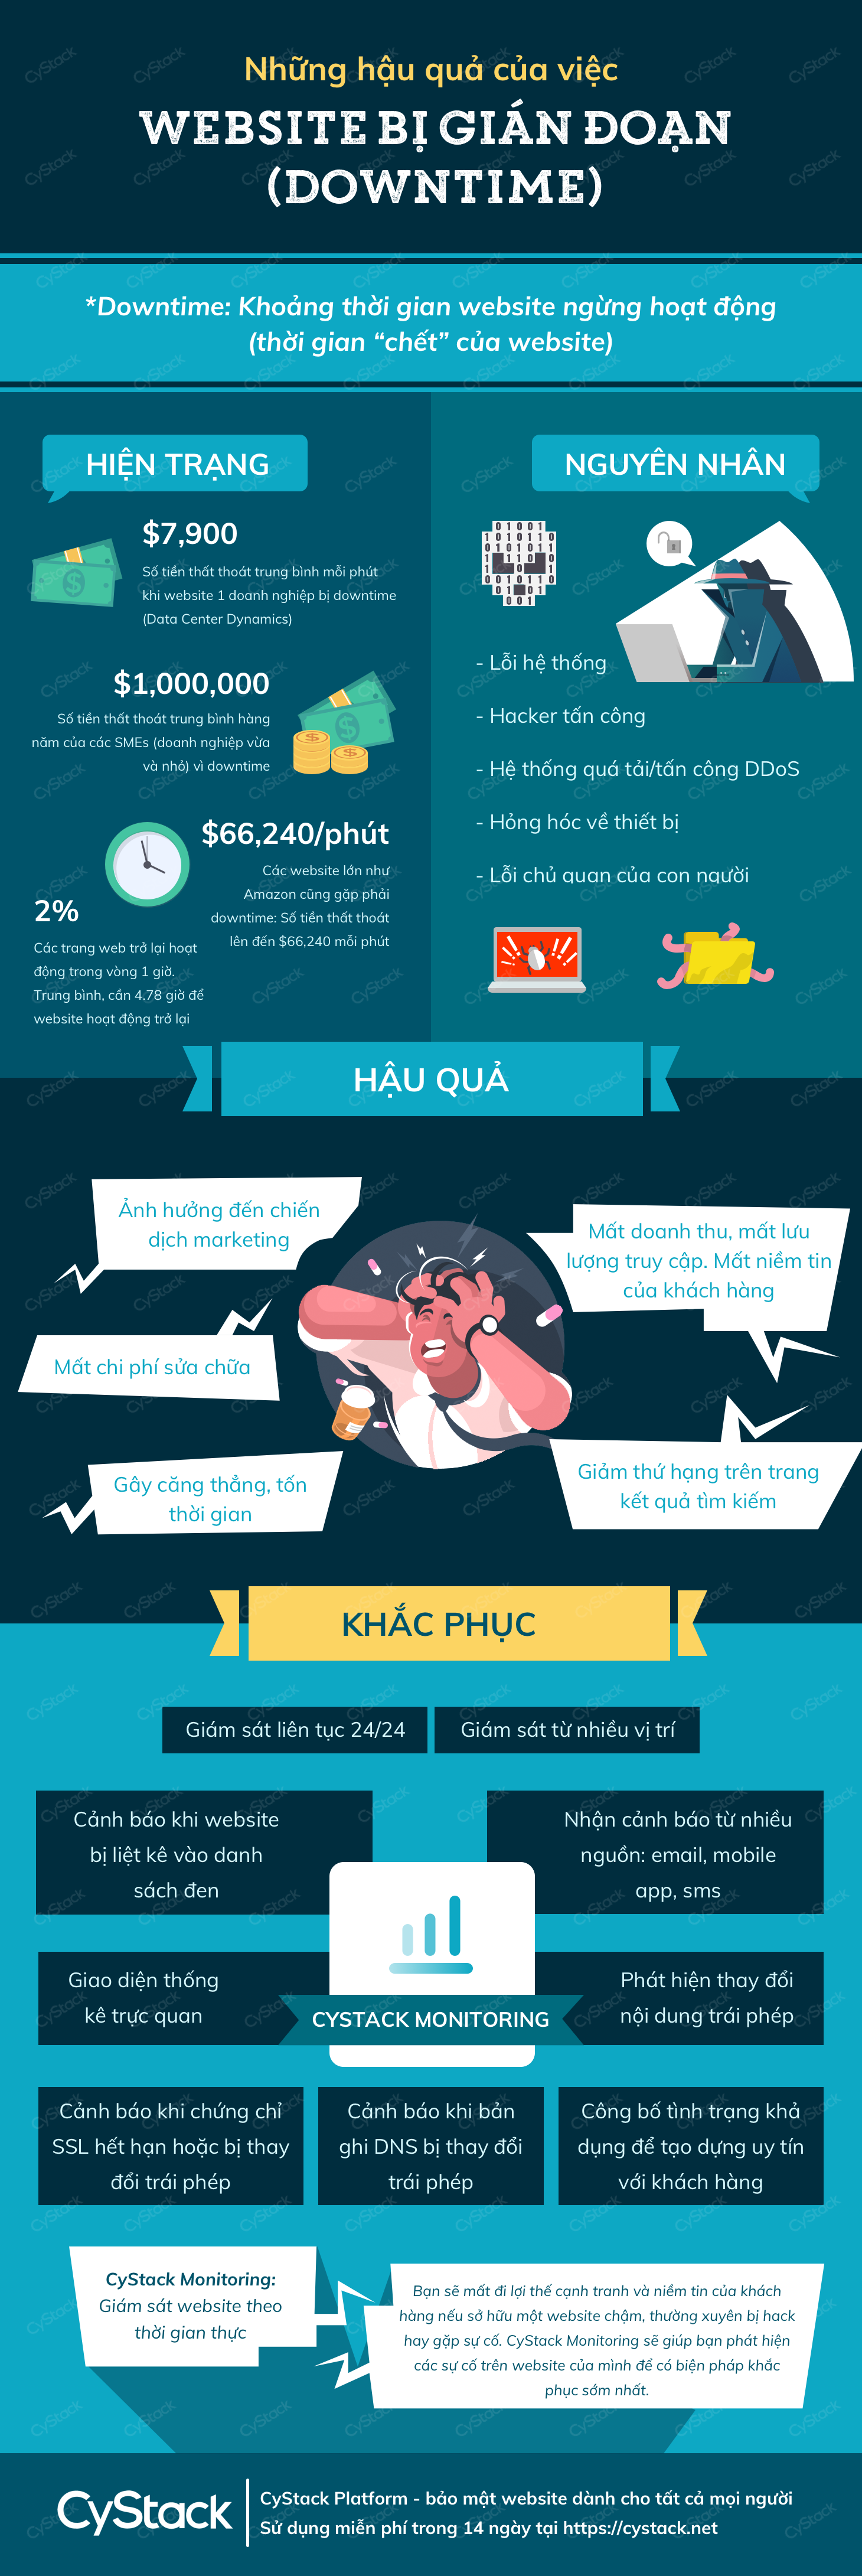 Những hậu quả của việc website bị gián đoạn downtime cystack platform infographic